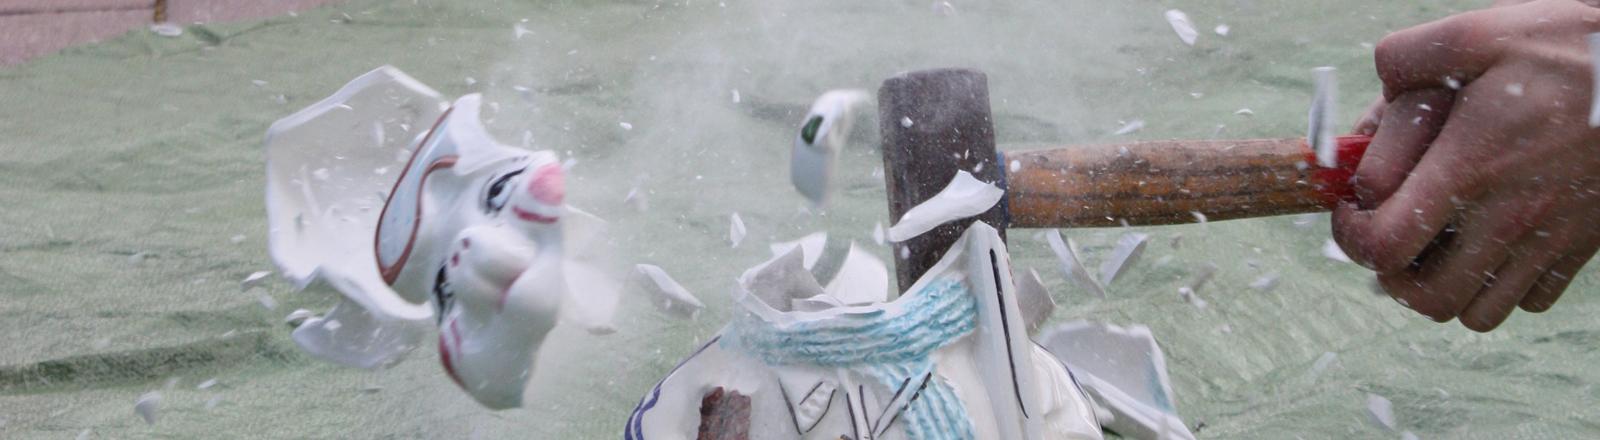 Eine Porzellanfigur wird mit einem Hammer kaputtgeschlagen